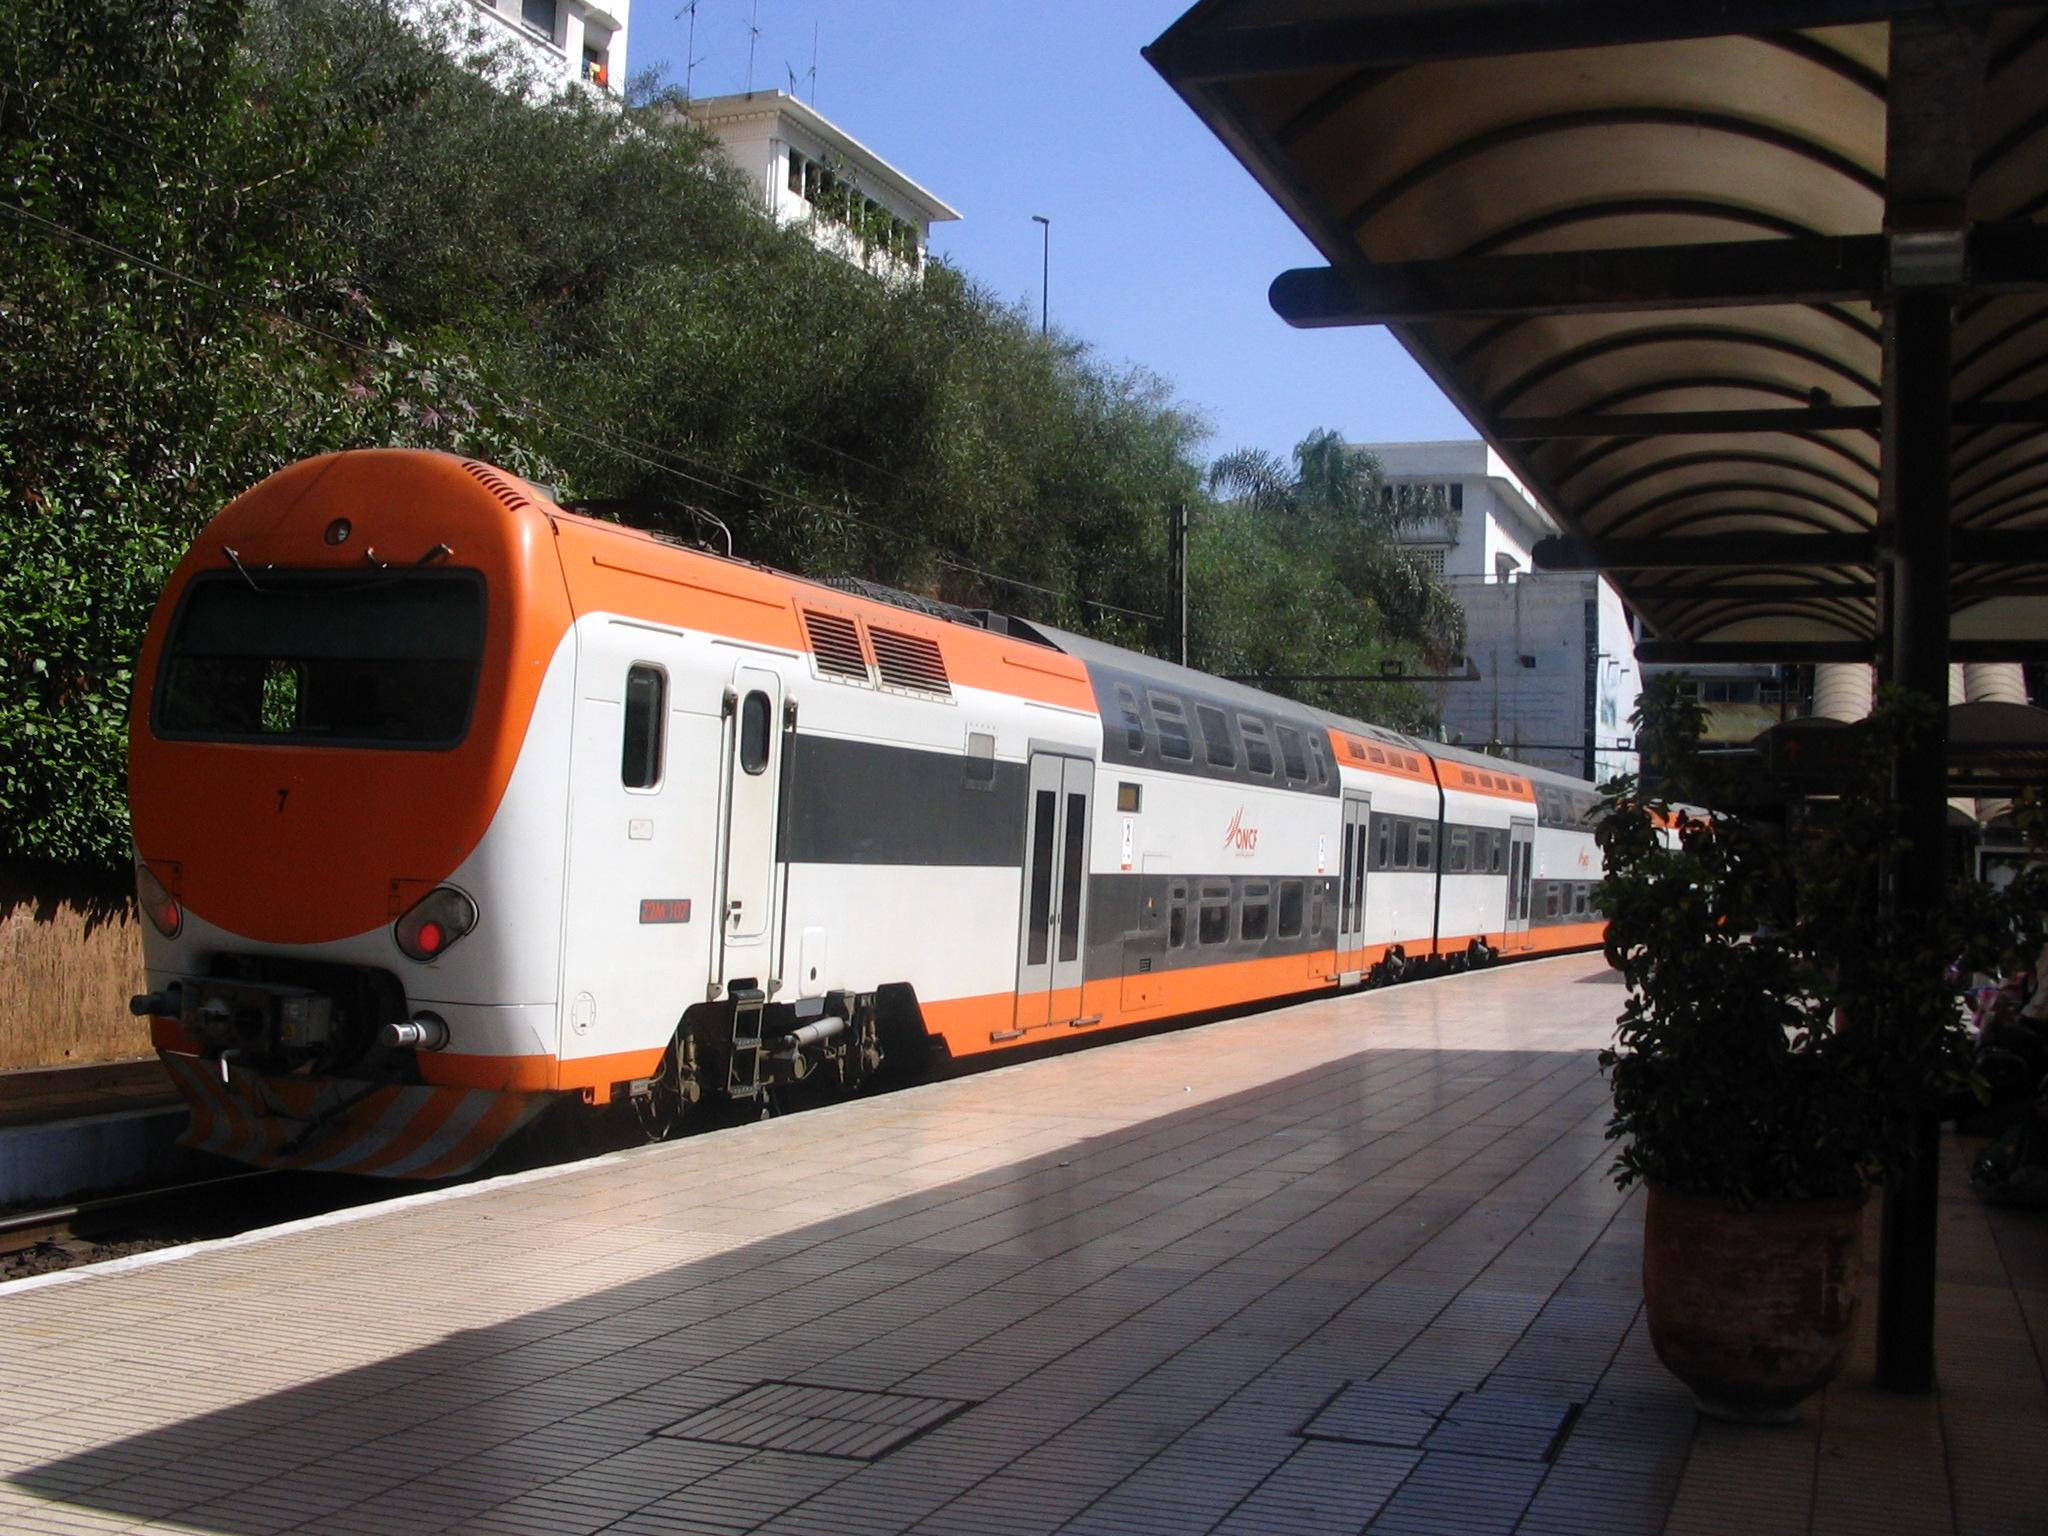 حادث قطار جديد.. و''ONCF'' يكشف التفاصيل